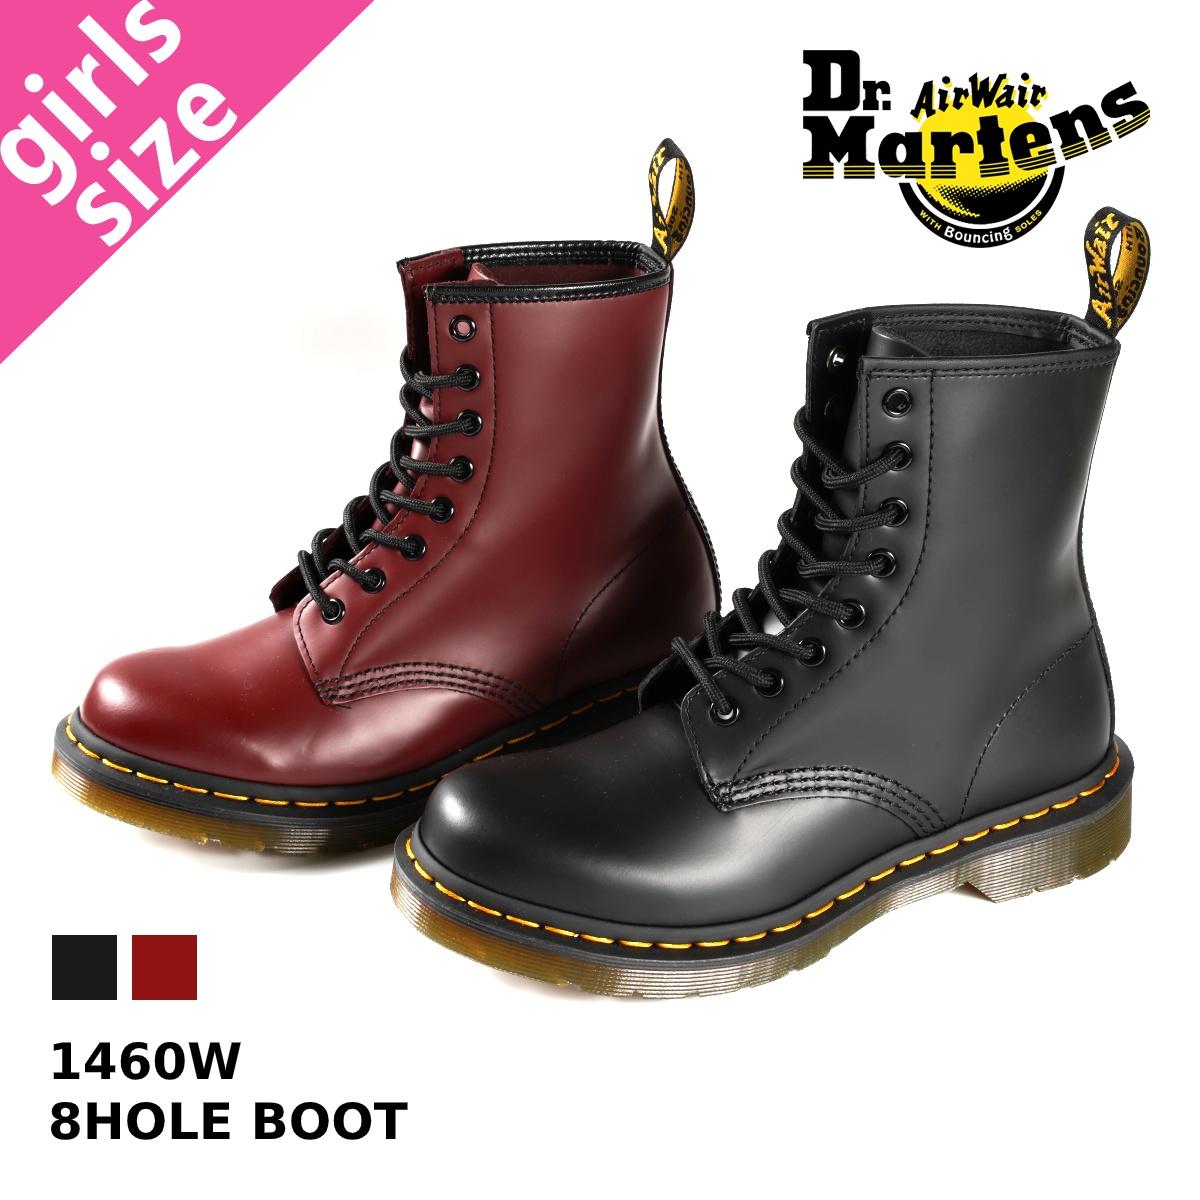 【大人気の女の子サイズ♪】 Dr.Martens 8HOLE BOOT 1460W ドクターマーチン レディース 8ホール ブーツ BLACK(R11821006)/ CHERRY RED(R11821600)